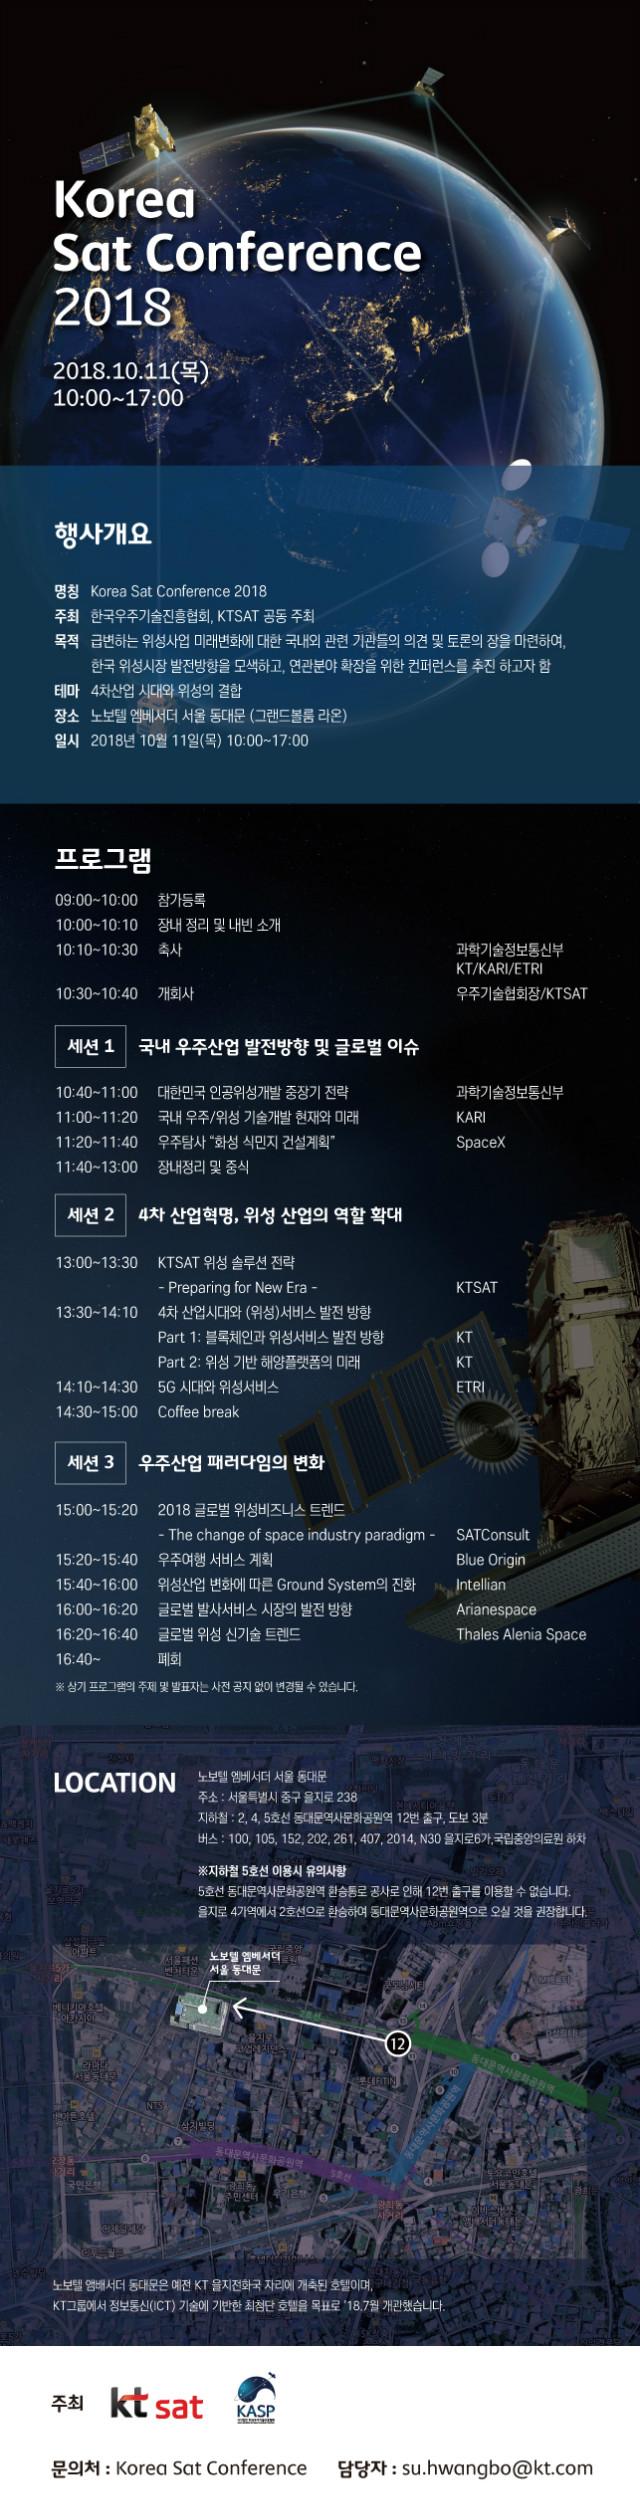 ksc2018_일반초청장_v2_본문용.jpg